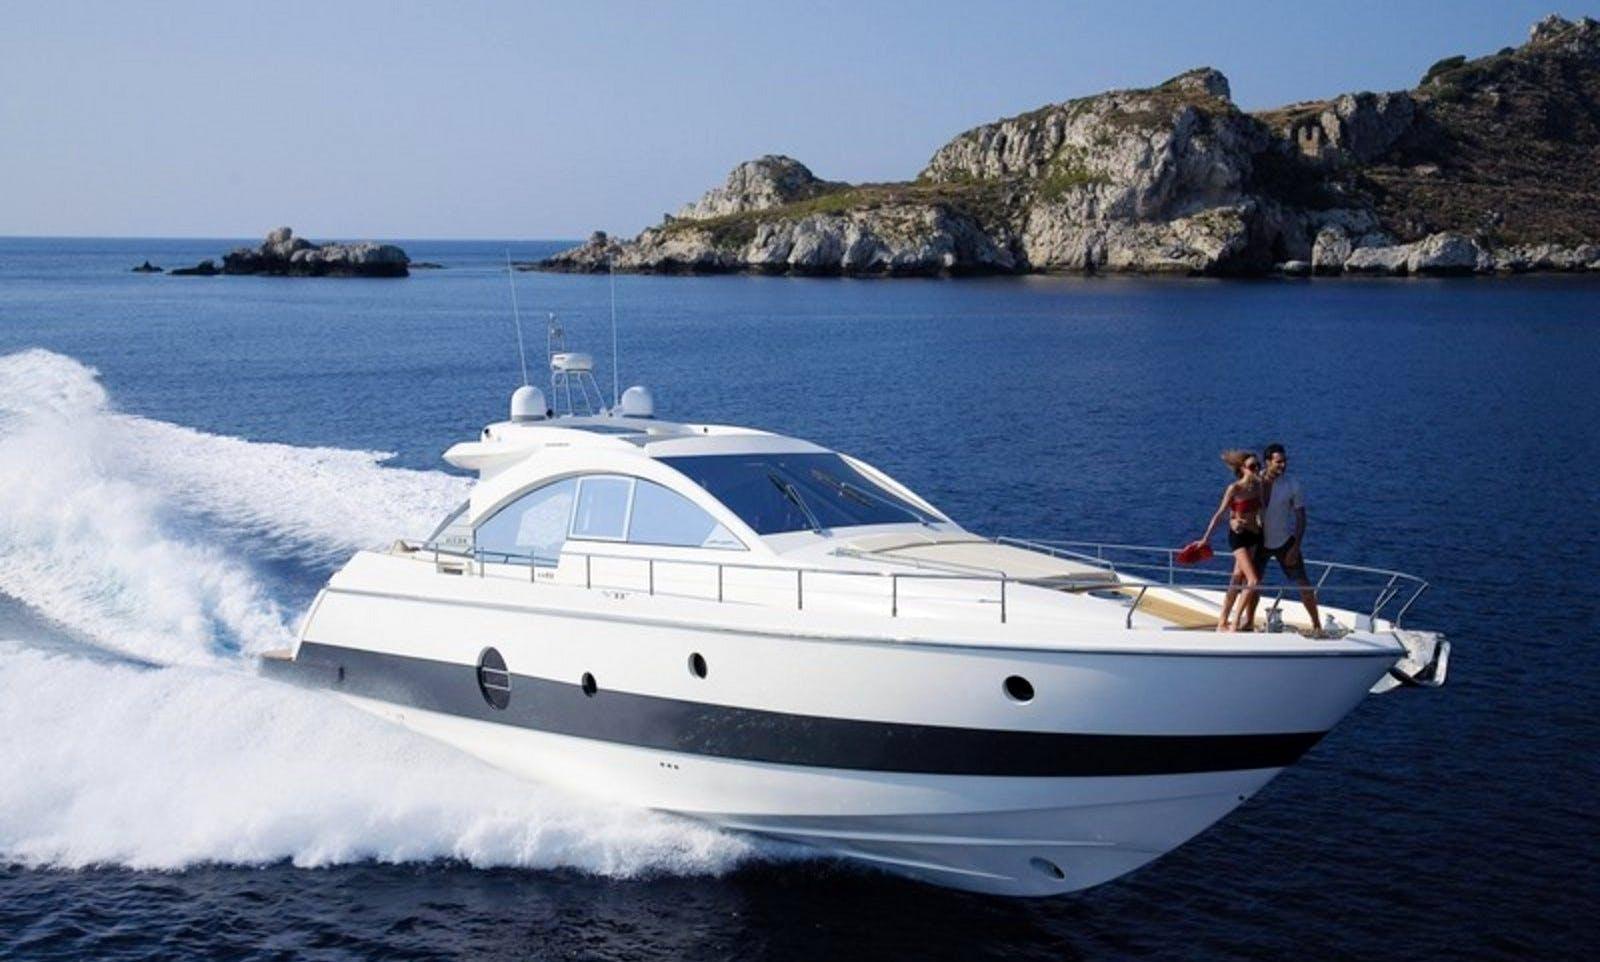 AICON 62 SL Moto Yacht Charter for 12 People in Portofino, Italy